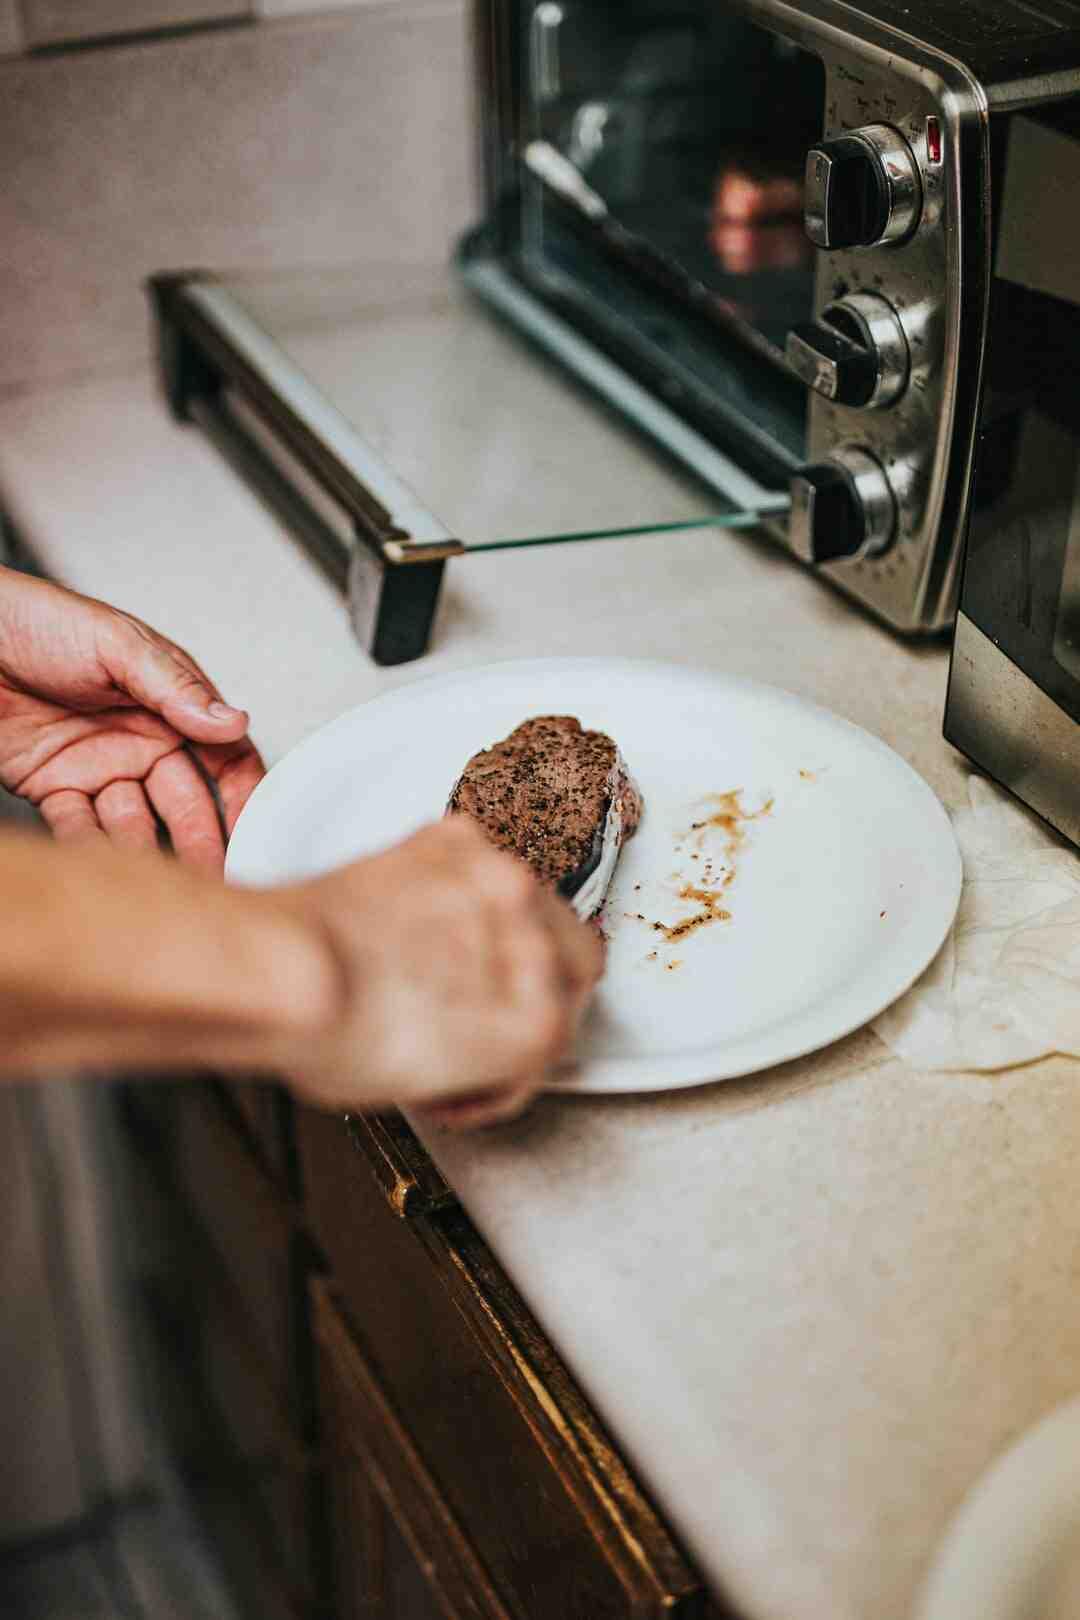 Comment Degeler un steak de thon ?